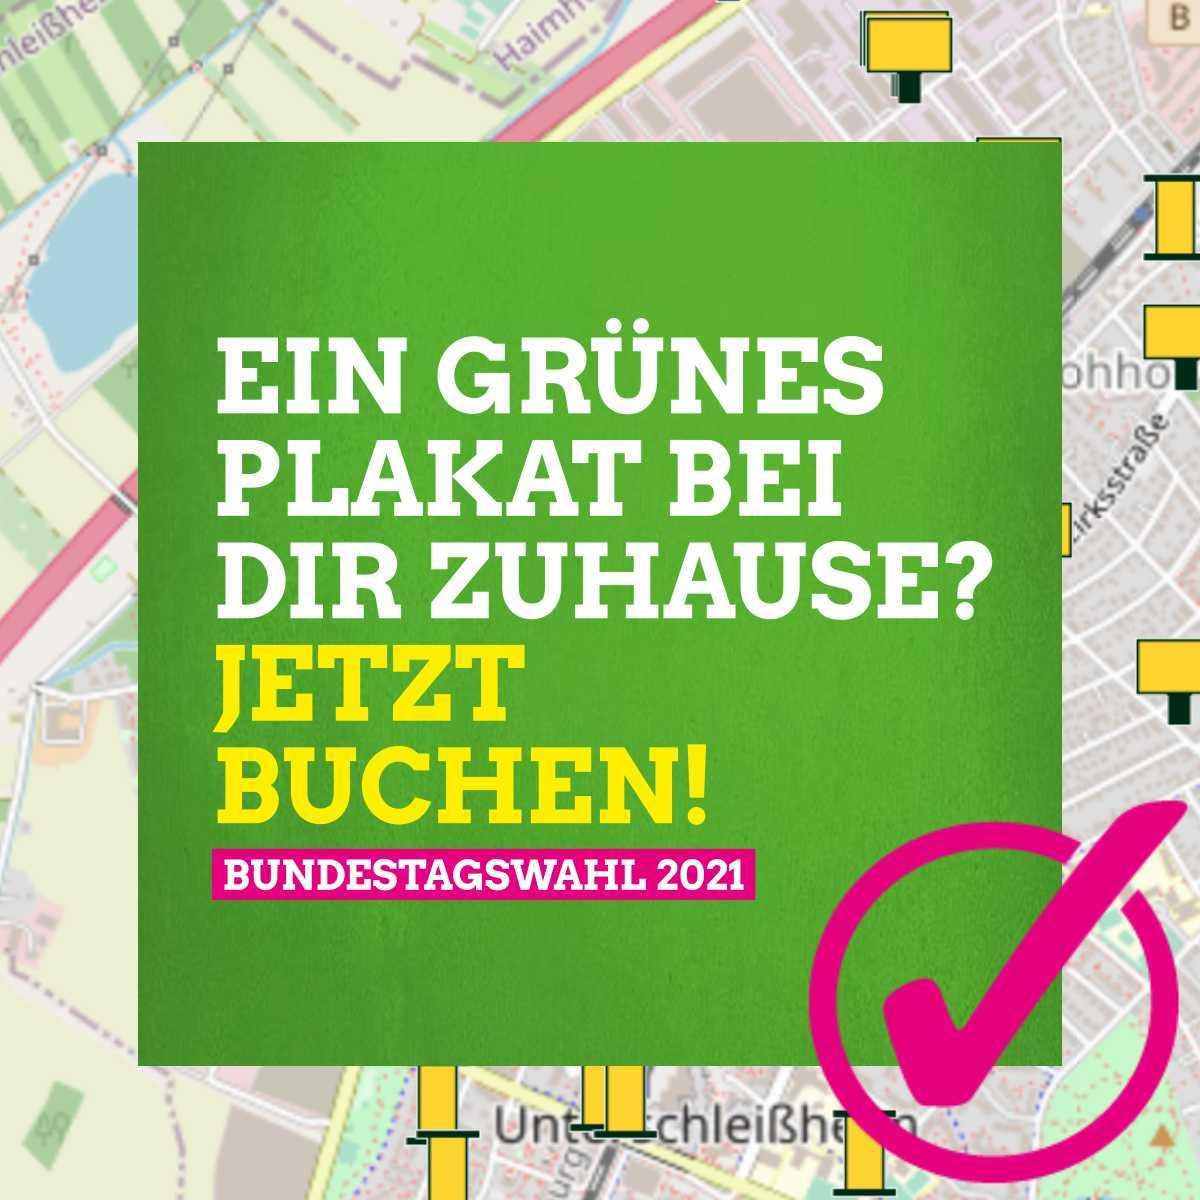 Plakatspende zur Bundestagswahl 2021: Jetzt buchen!